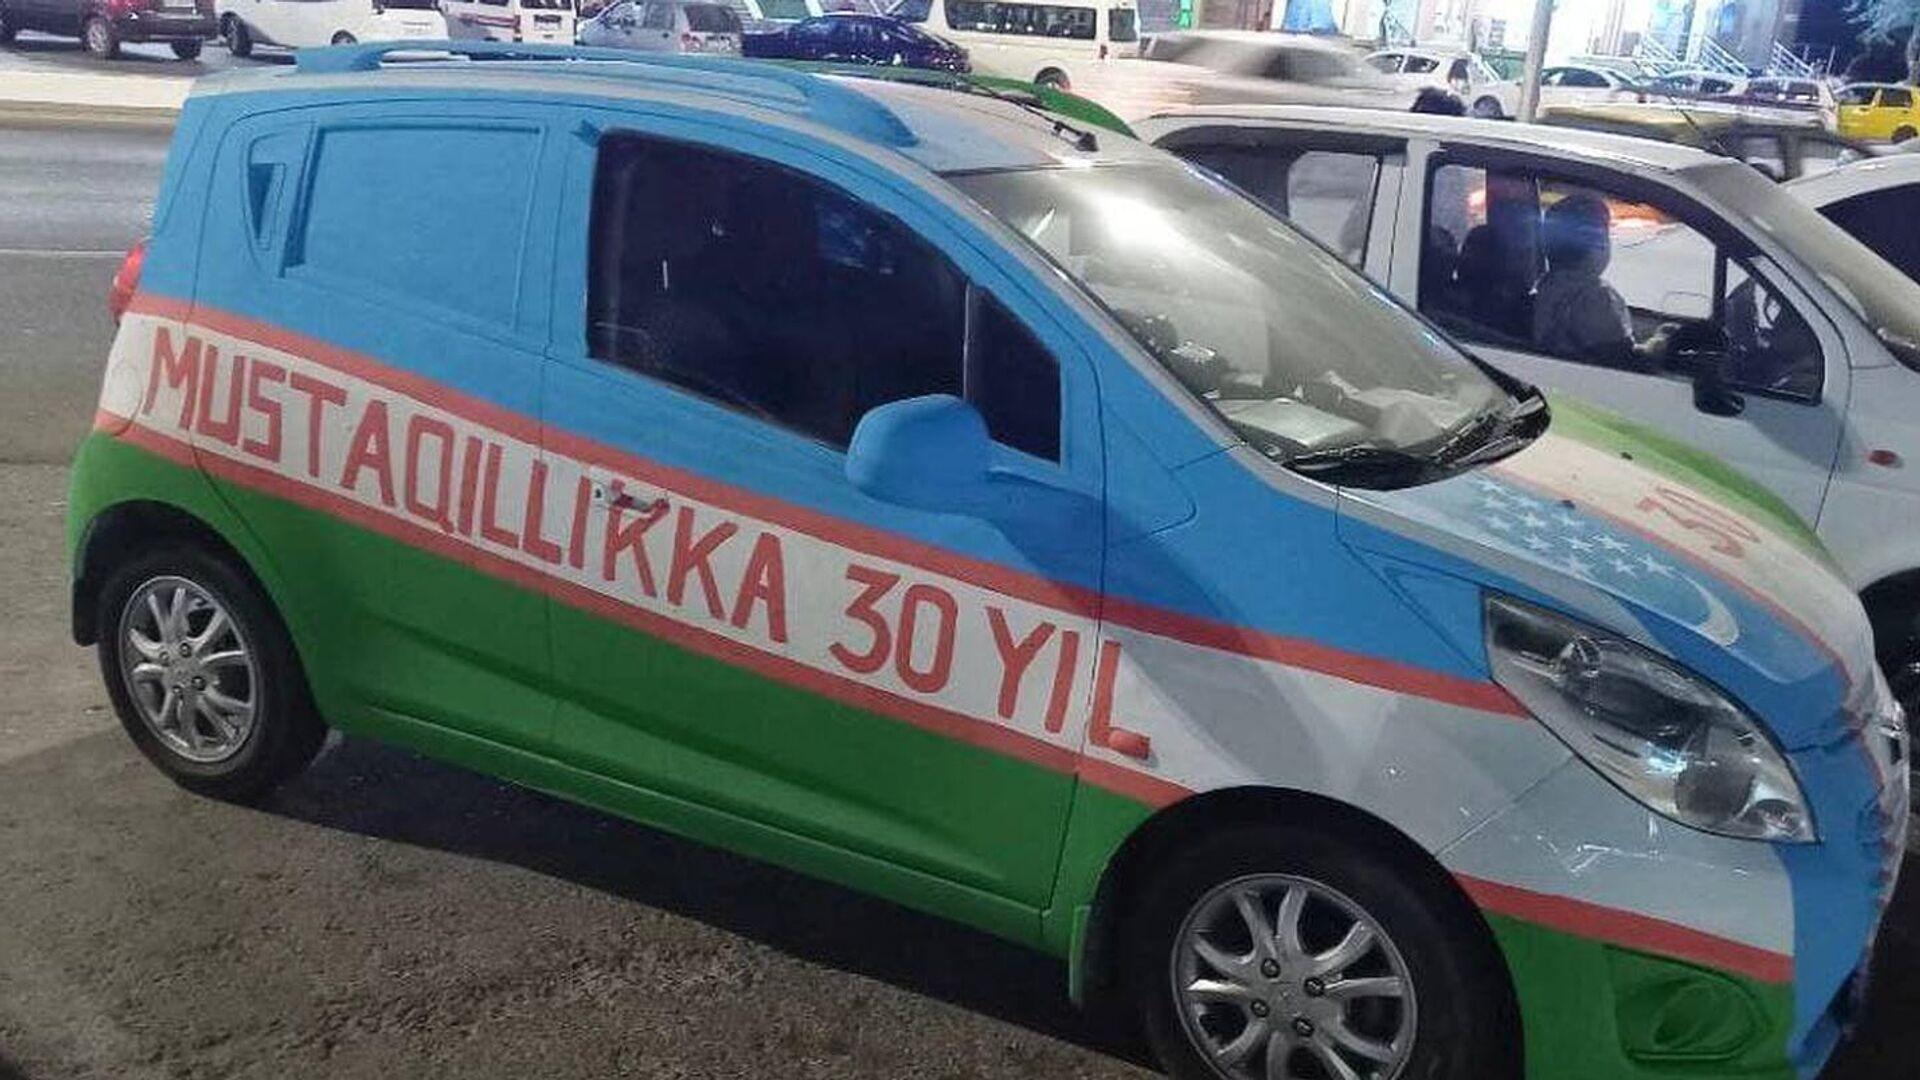 В Бухаре водители разрисовали авто в цвета государственного флага - Sputnik Узбекистан, 1920, 01.09.2021